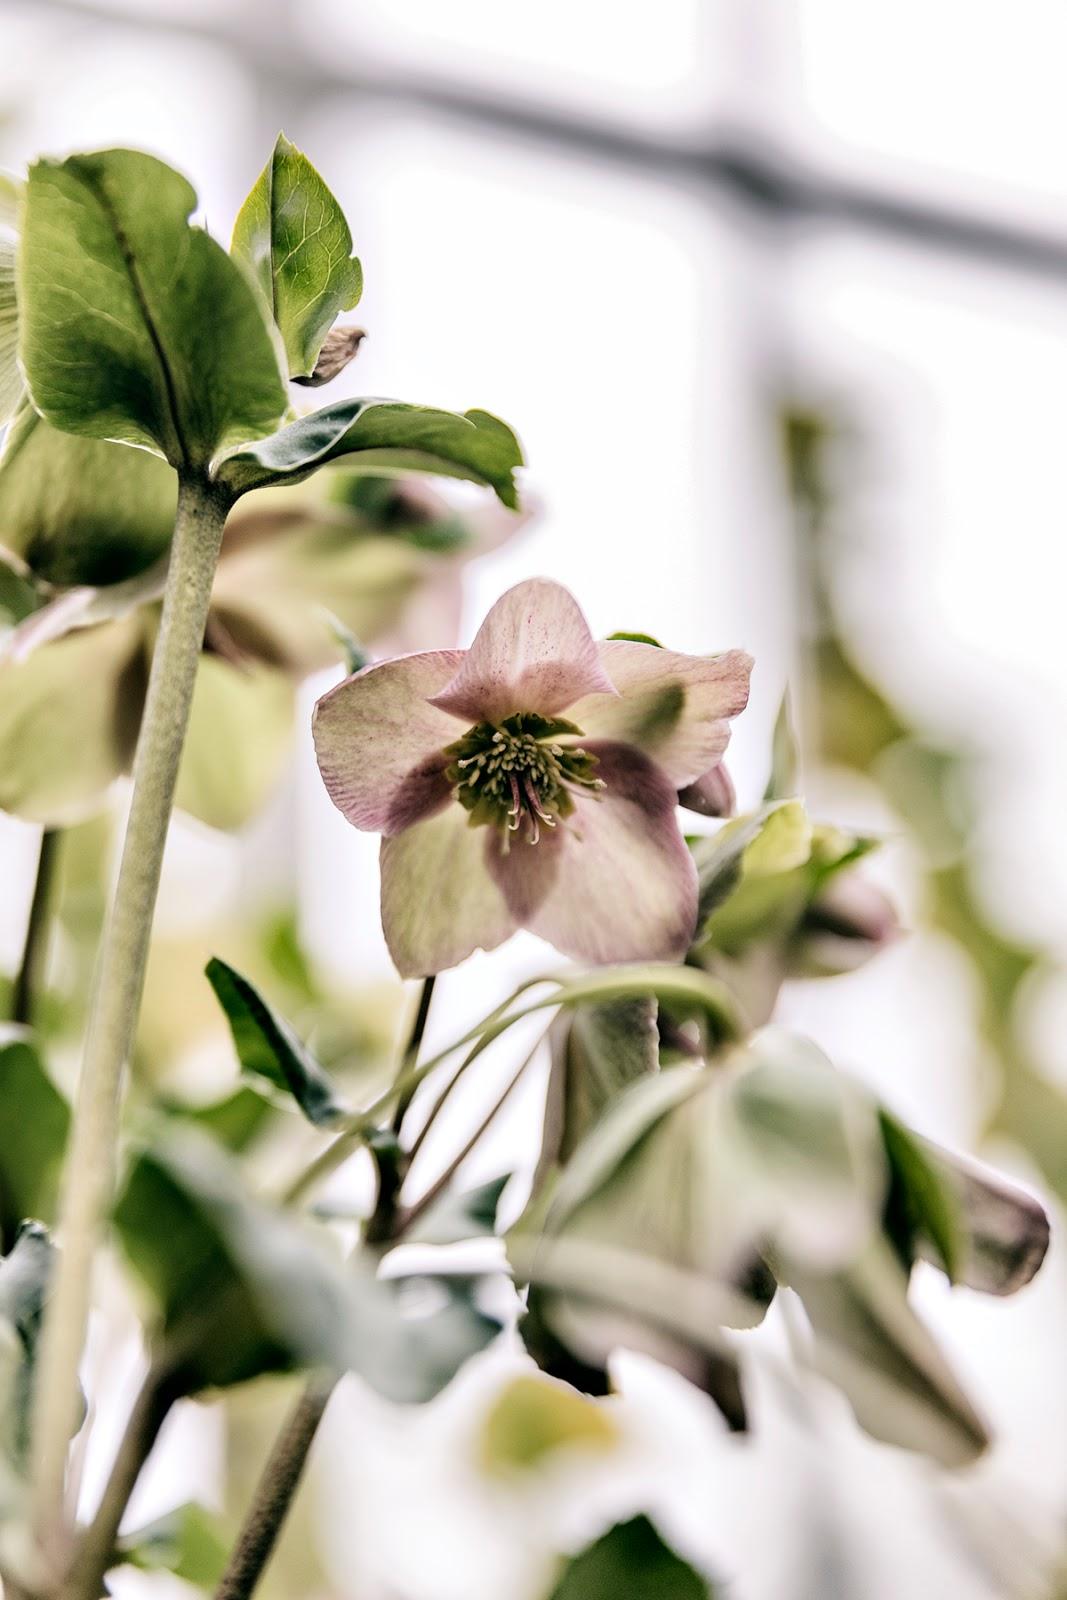 Talvipuutarha, Helsinki, myhelsinki, visithelsinki, garden, orangerie, puutarha, kasvit, kukat, viherkasvit, valokuvaaja, Frida Steiner, Visualaddict, visualaddictfrida, flower